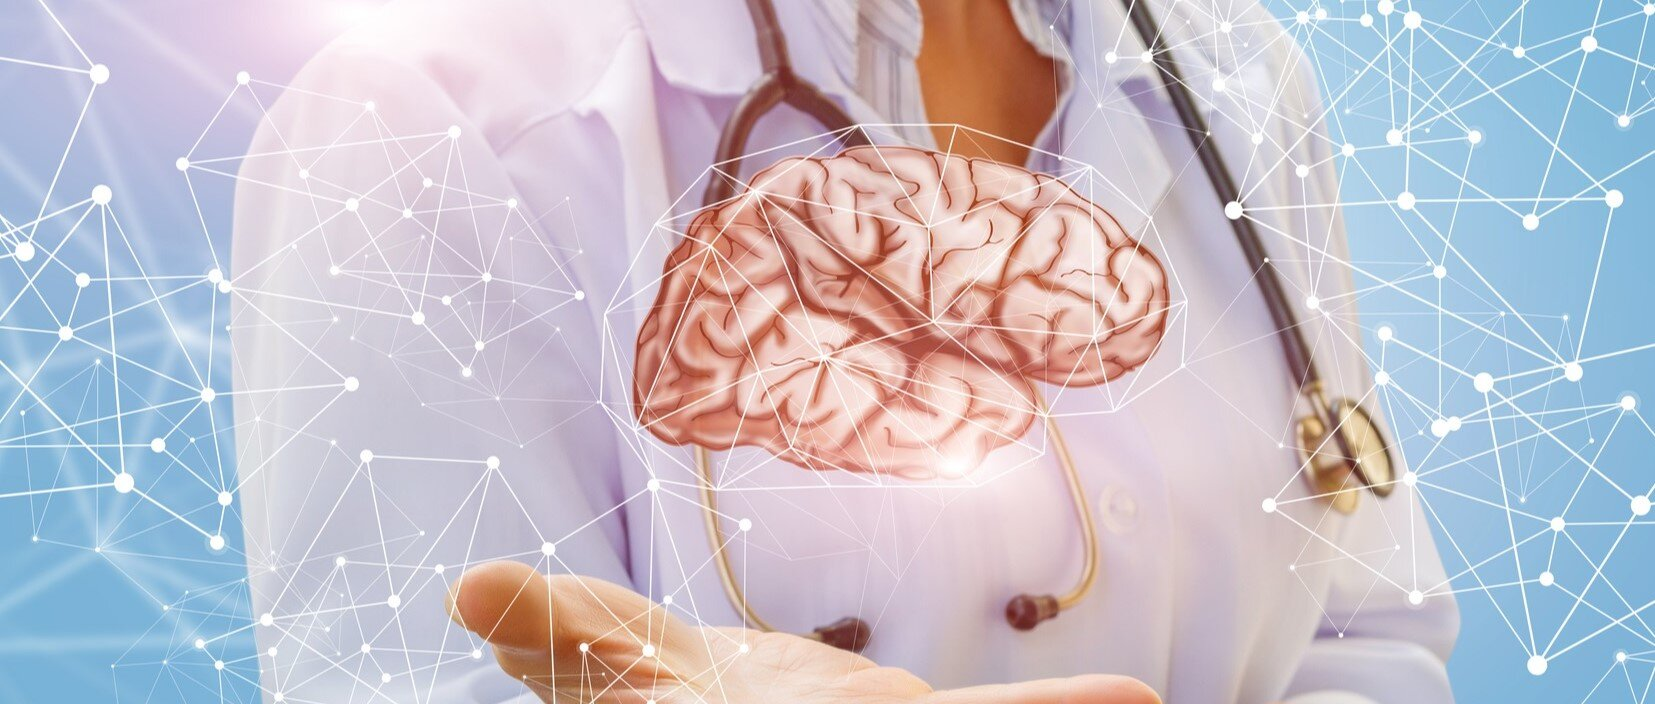 norosirurji hangi hastaliklara bakar